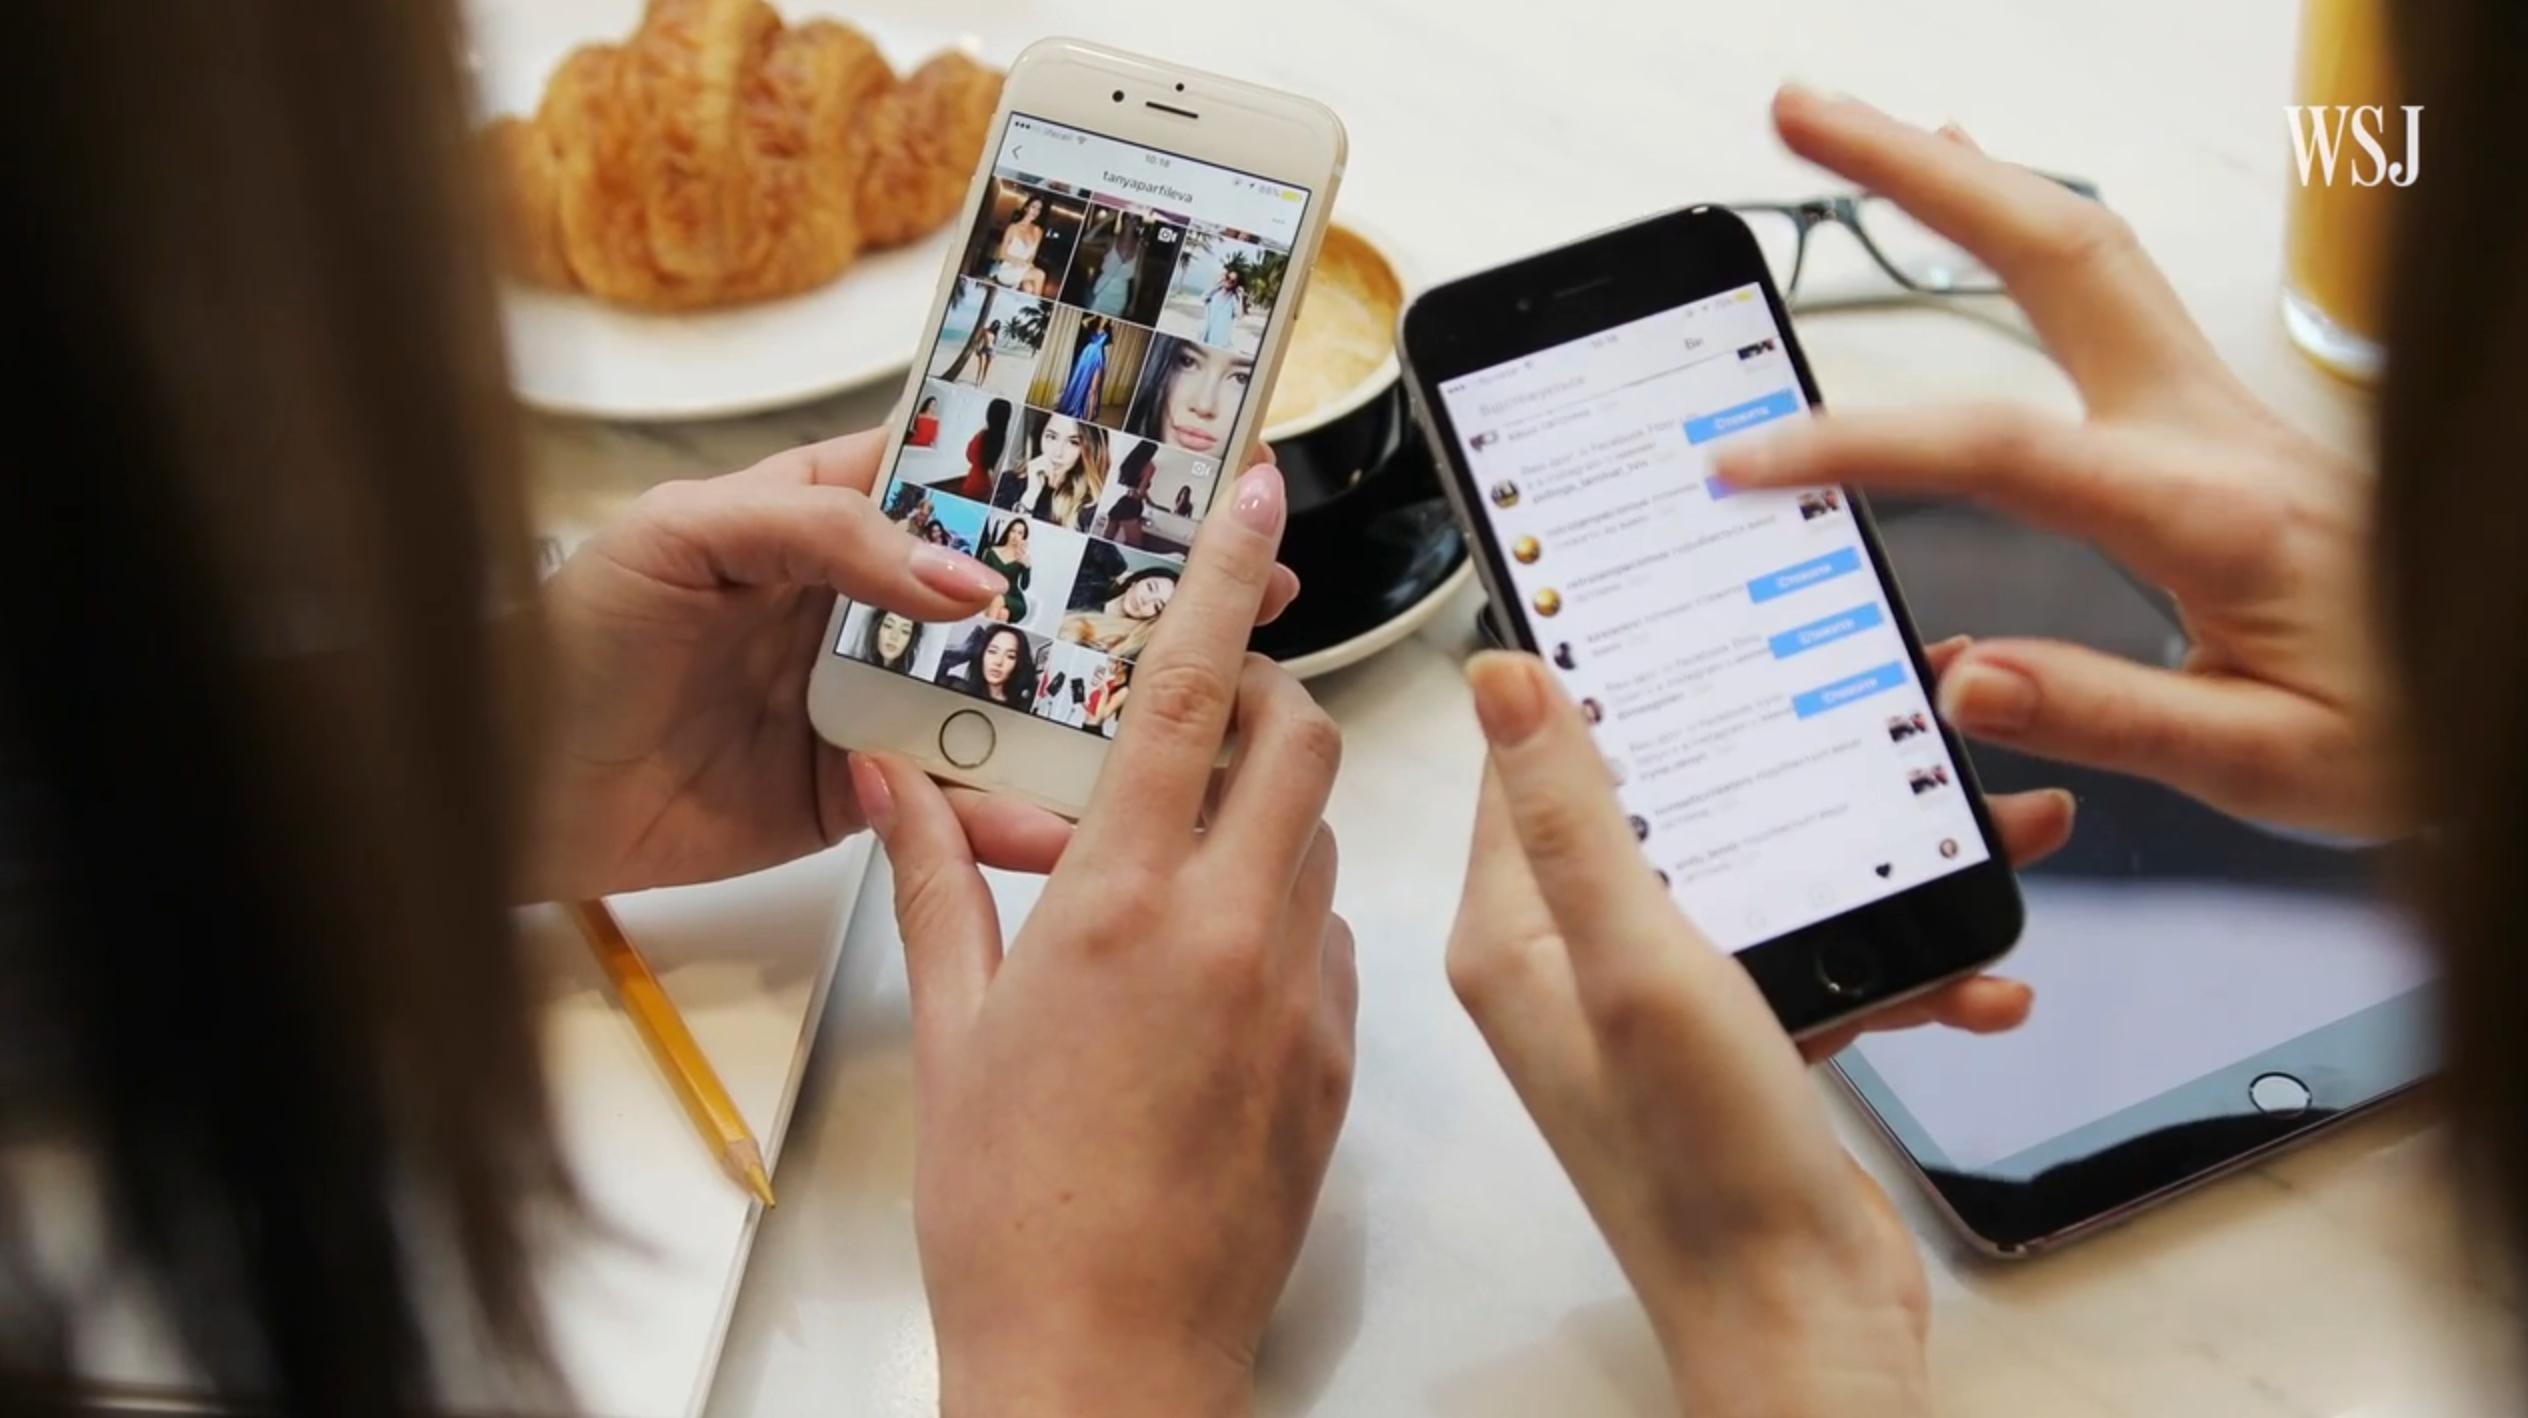 """Facebook的""""恶臭行为"""",是全球社交媒体逃不过的宿命吗?"""